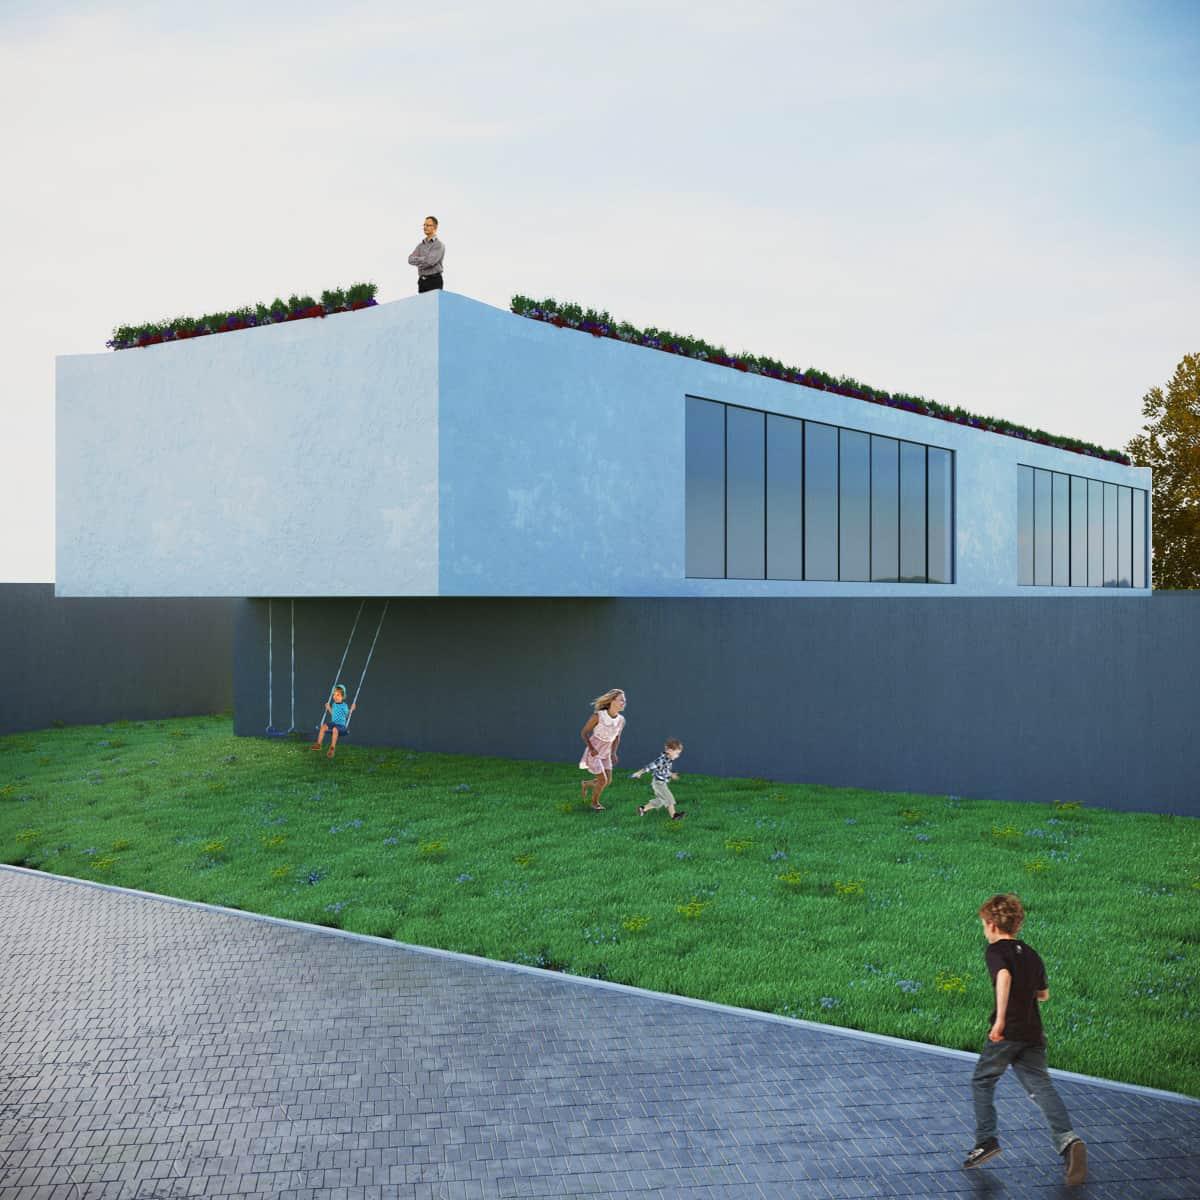 rendering esterni area giochi - rendering roma - rendering progetto - rendering architettura - studio rendering roma - preventivo rendering esterni - render esterni per l'architettura